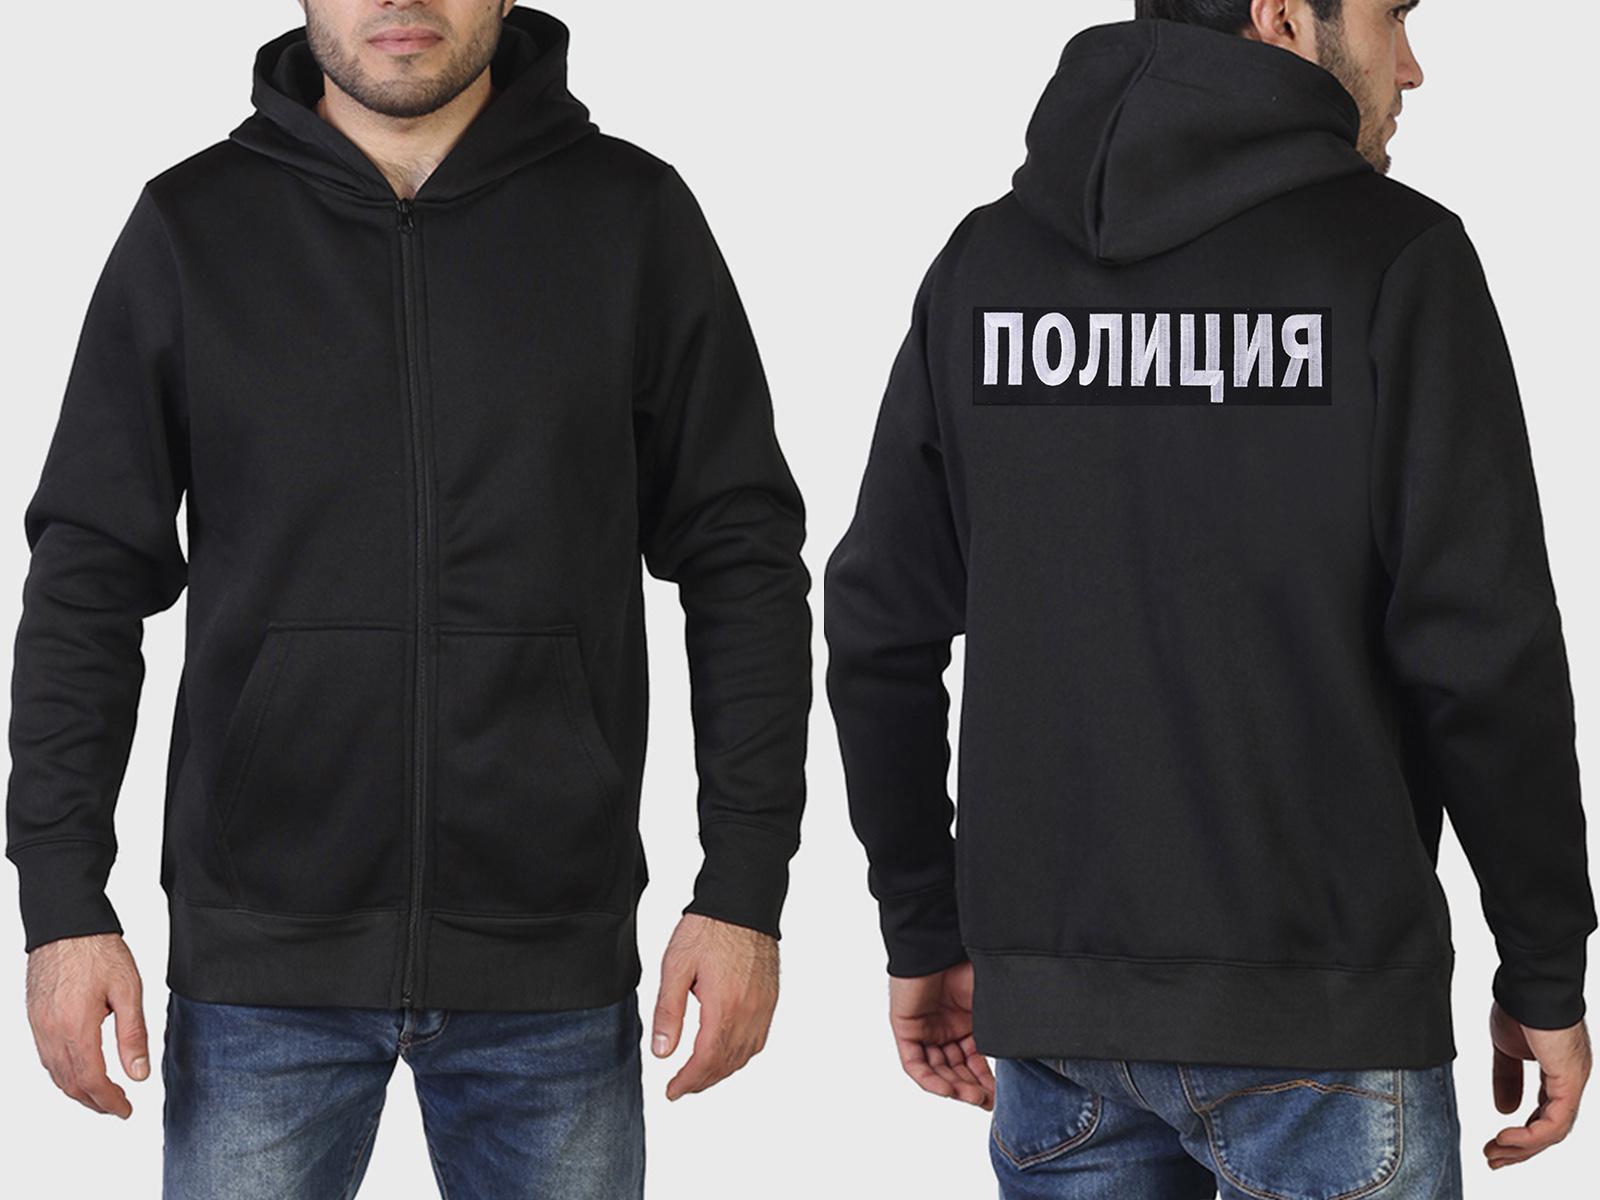 Черная мужская толстовка с белой вышивкой ПОЛИЦИЯ.